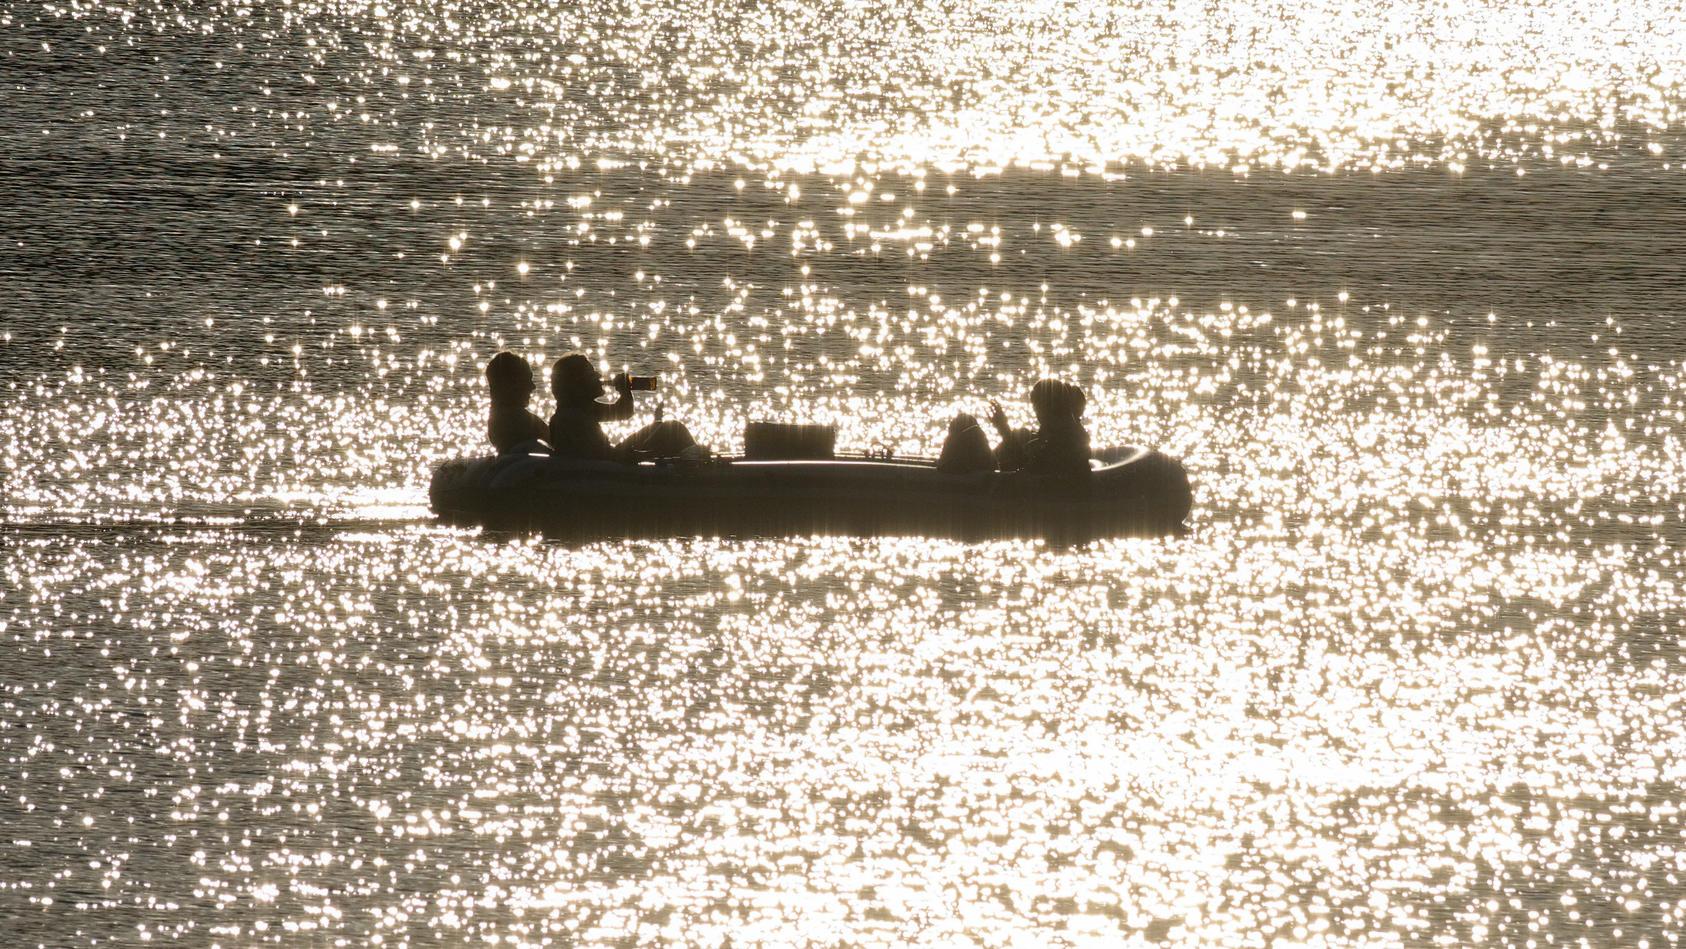 Symbolbild: Schlauchboot auf dem Wasser